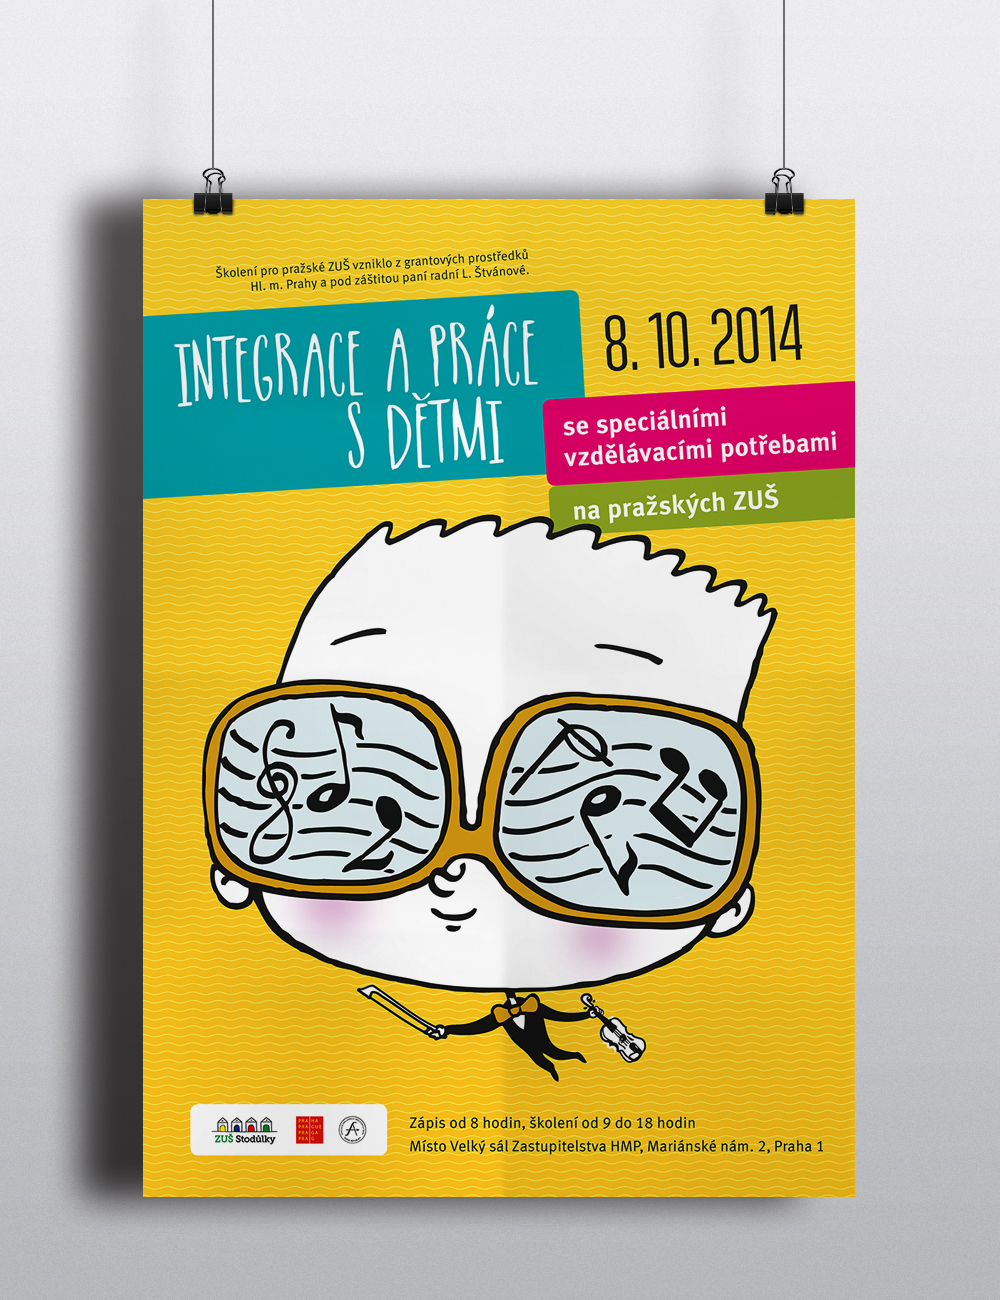 Plakát na školení Integrace a práce s dětmi. Vytvořeno pro ZUŠ Stodůlky.